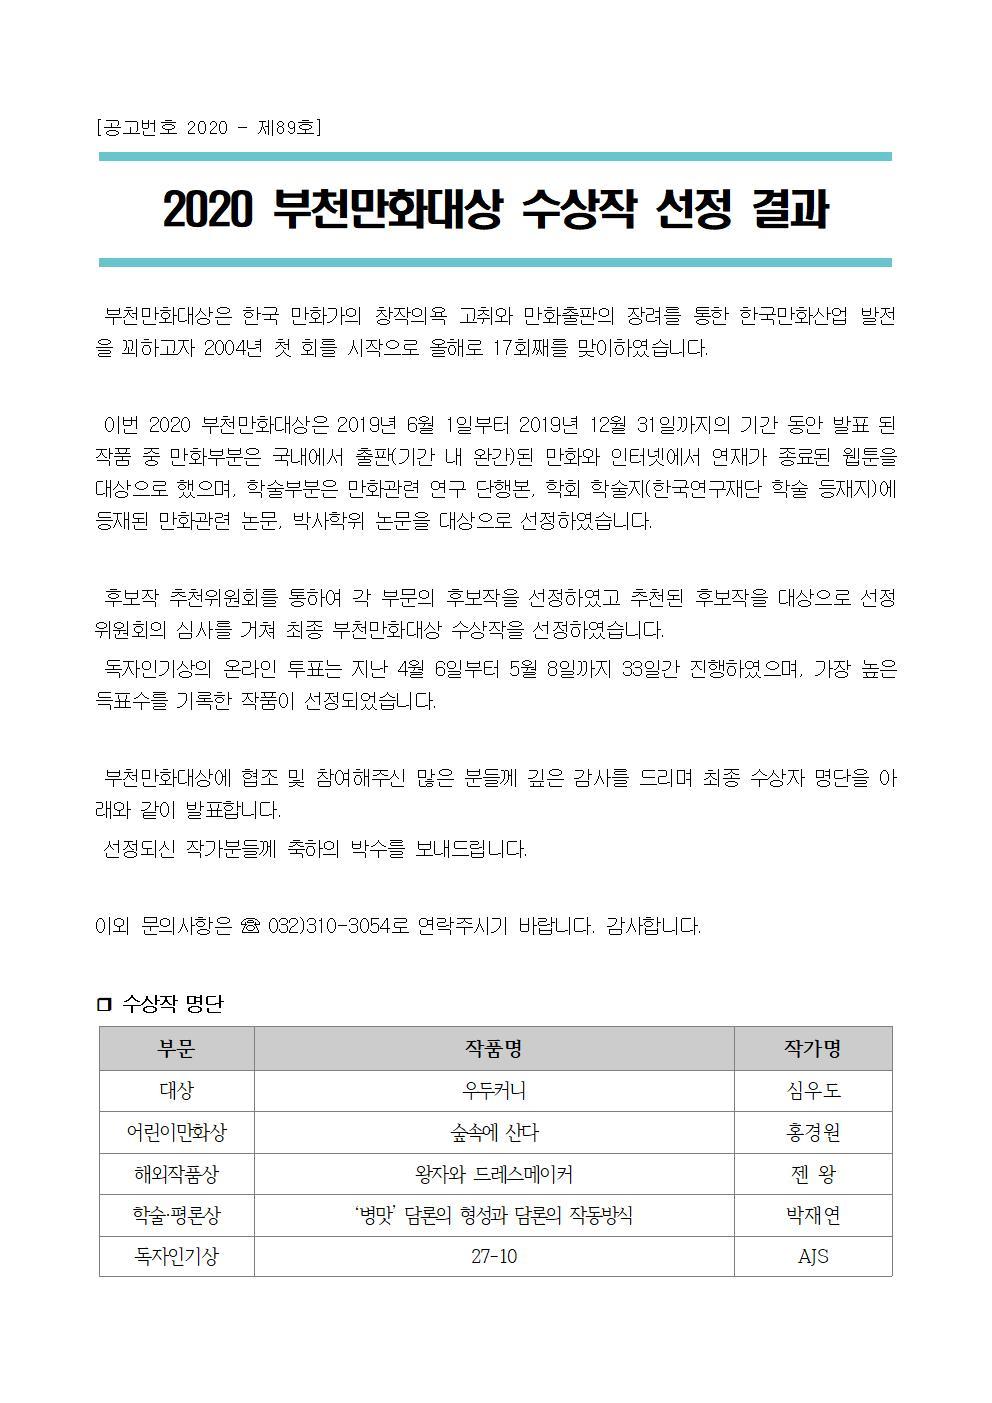 2020 부천만화대상 최종 수상작 결과 공고문001.jpg